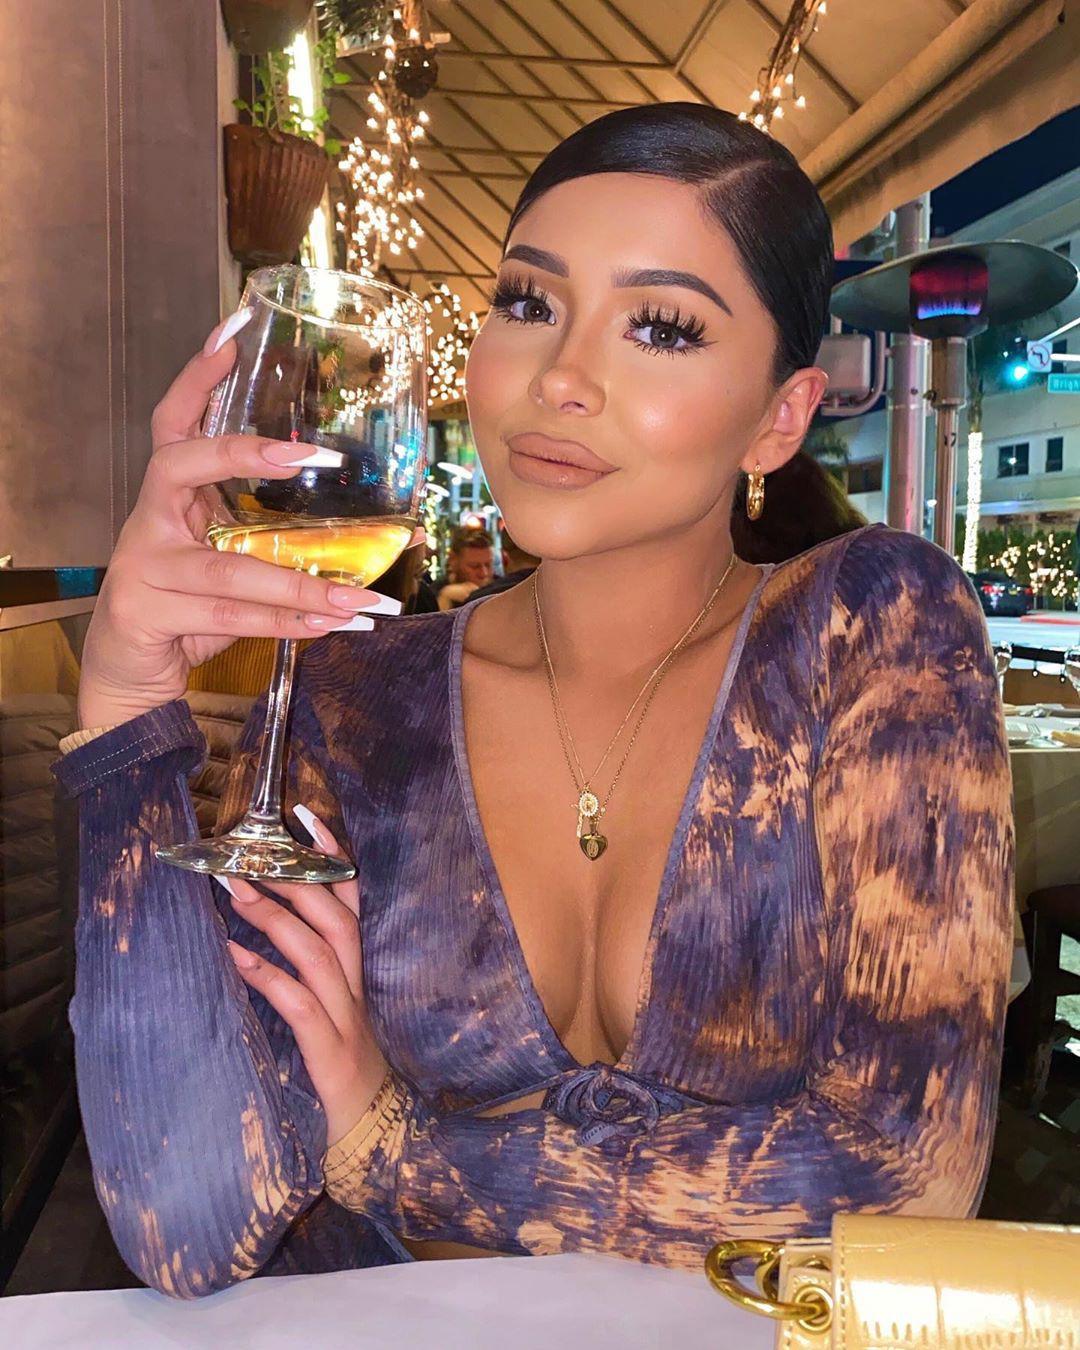 Daisy Marquez, distilled beverage, champagne stemware, wine glass